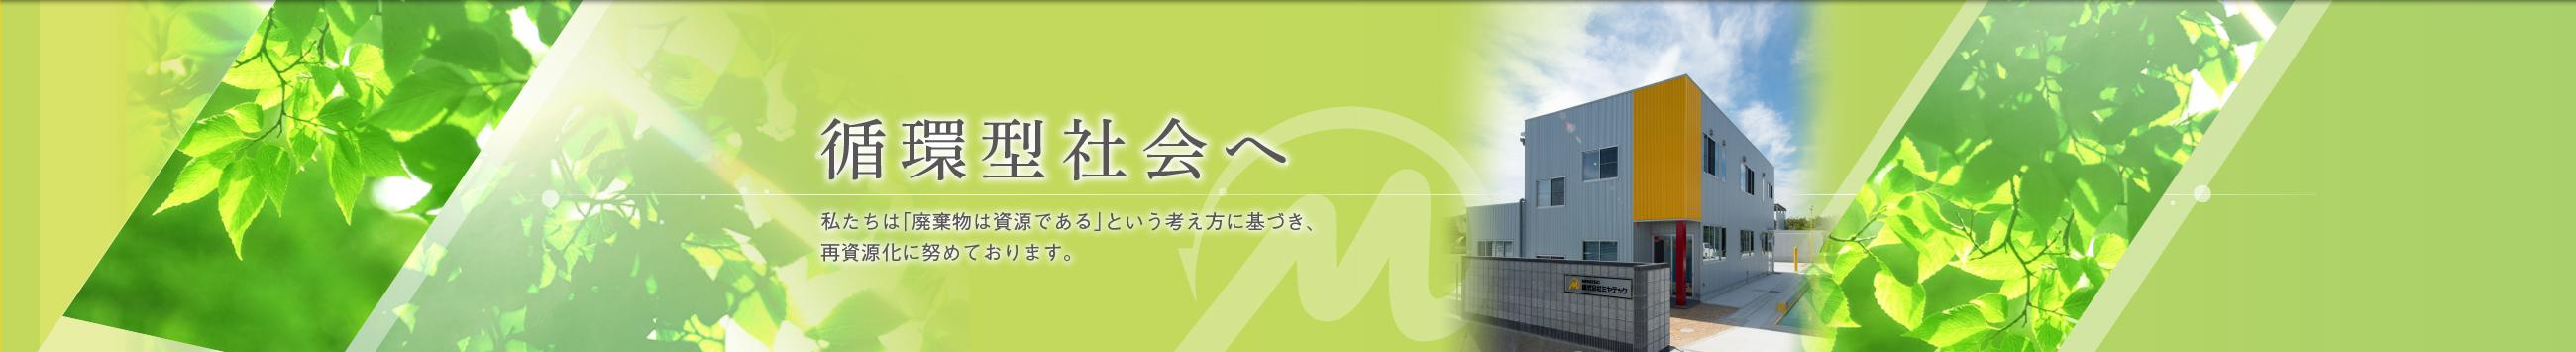 産業廃棄物処理・解体工事・清掃・リサイクル買取は三重県松阪市のミヤテックへ